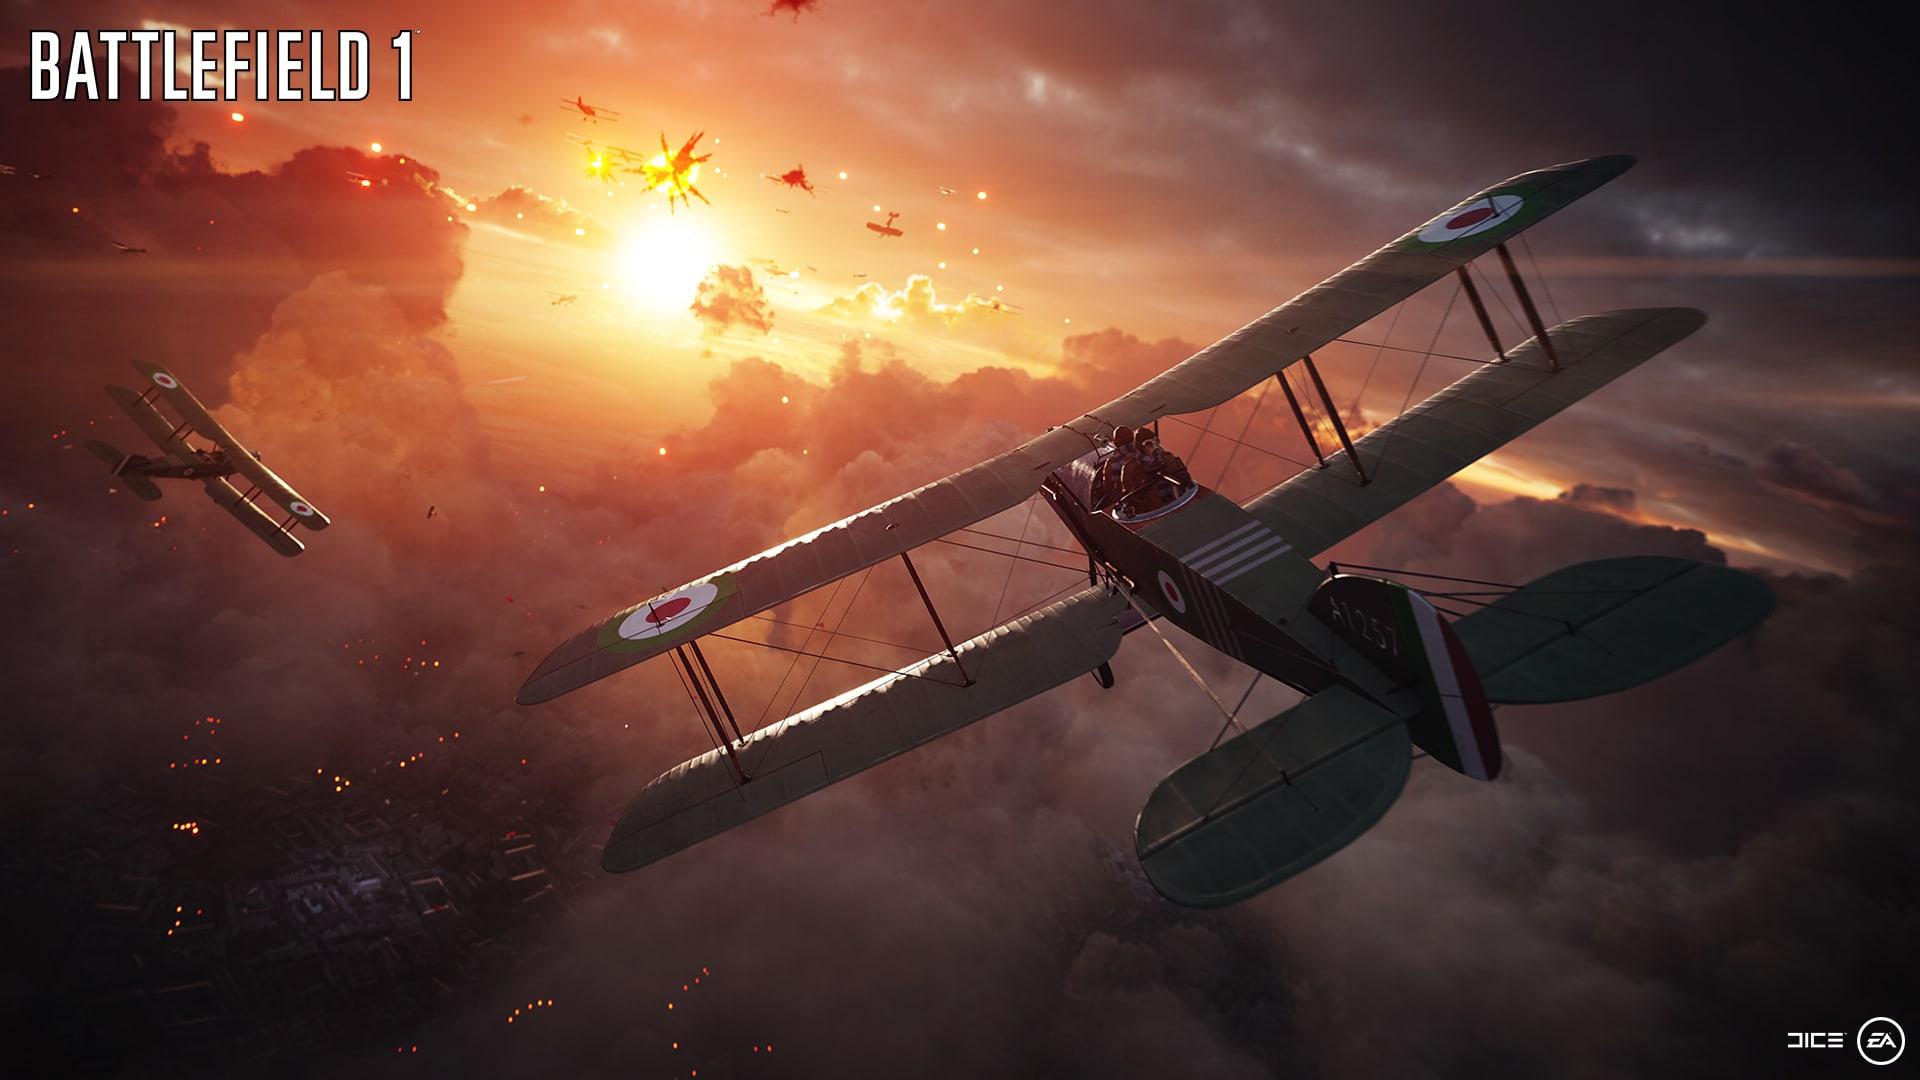 Beautiful Battlefield 1 Wallpapers (20 In 1) Download 1920 X 1080 HD FK93